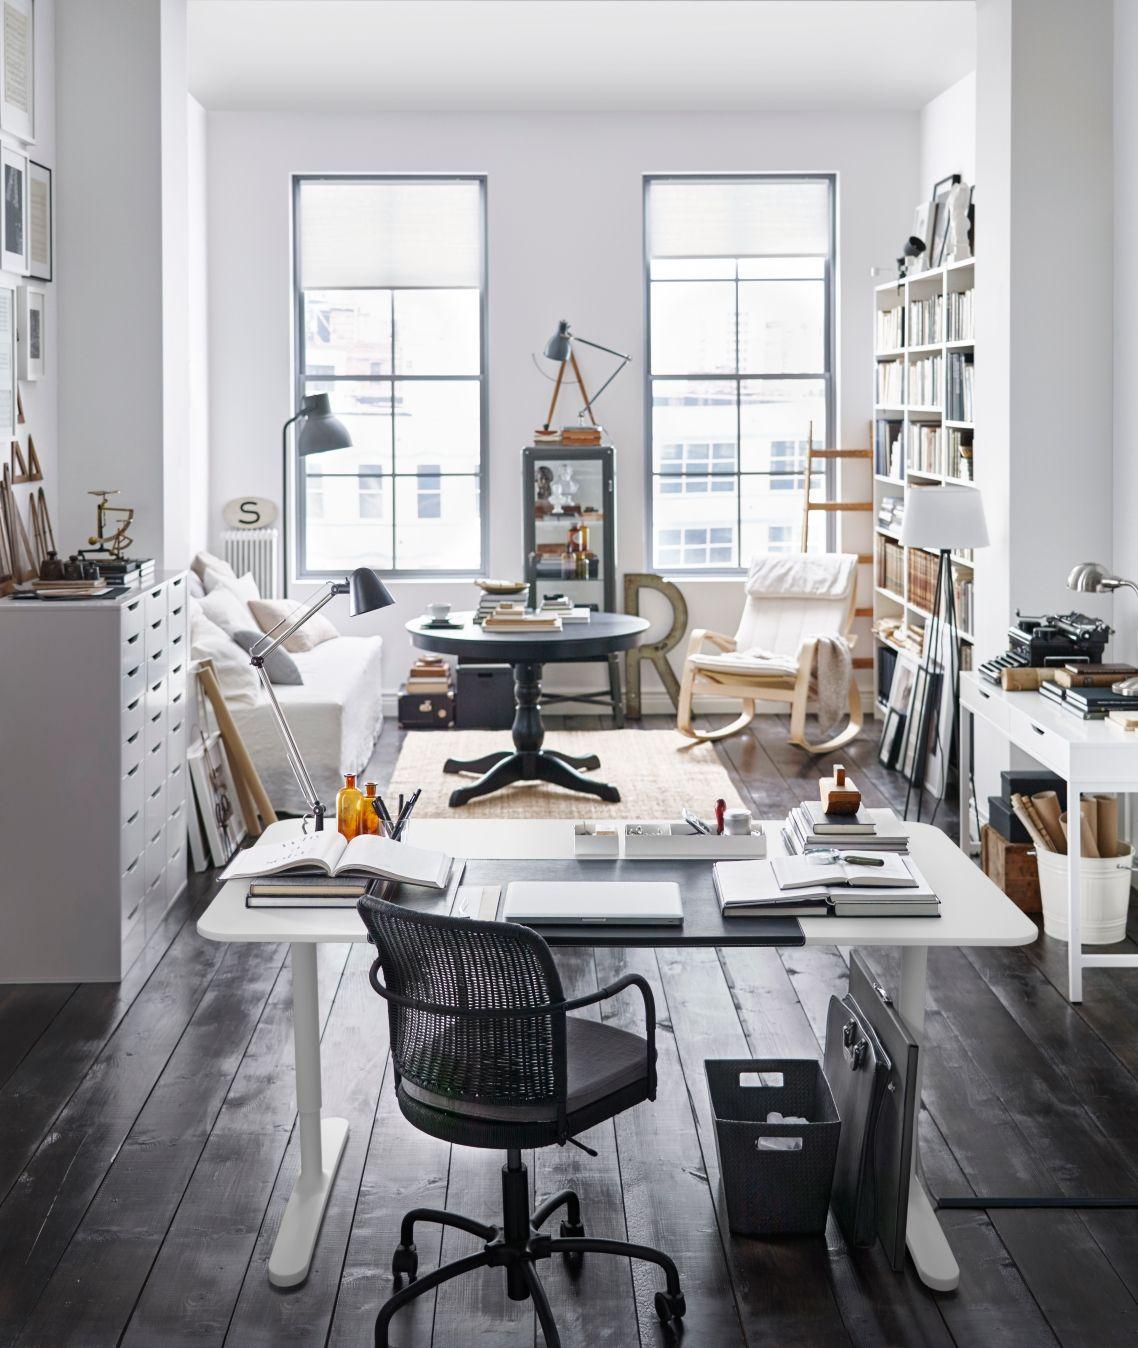 BEKANT Bureau, berkenfineer, wit | Bureaus, Study nook and Office ...